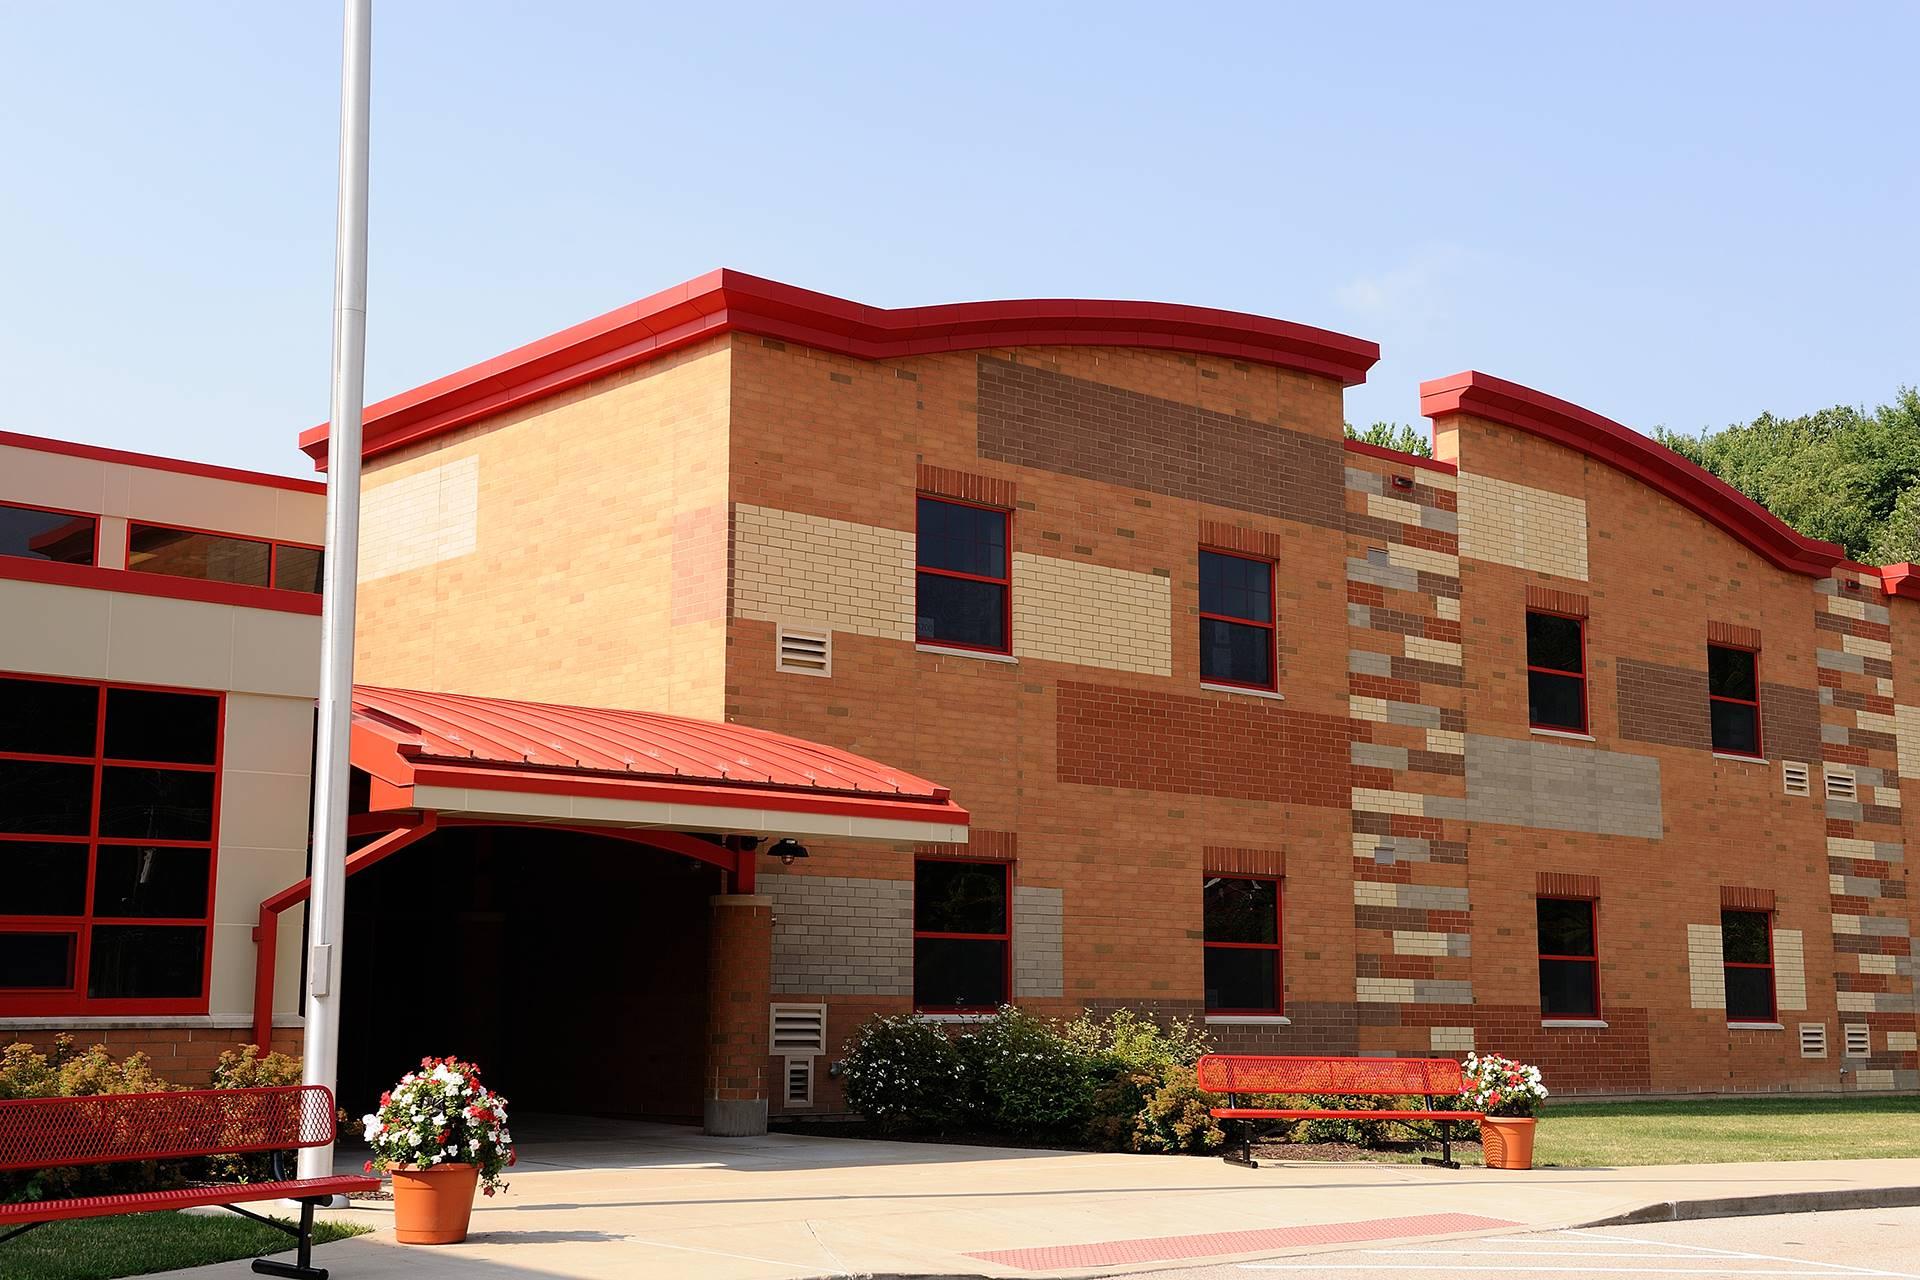 McIntyre Elementary School